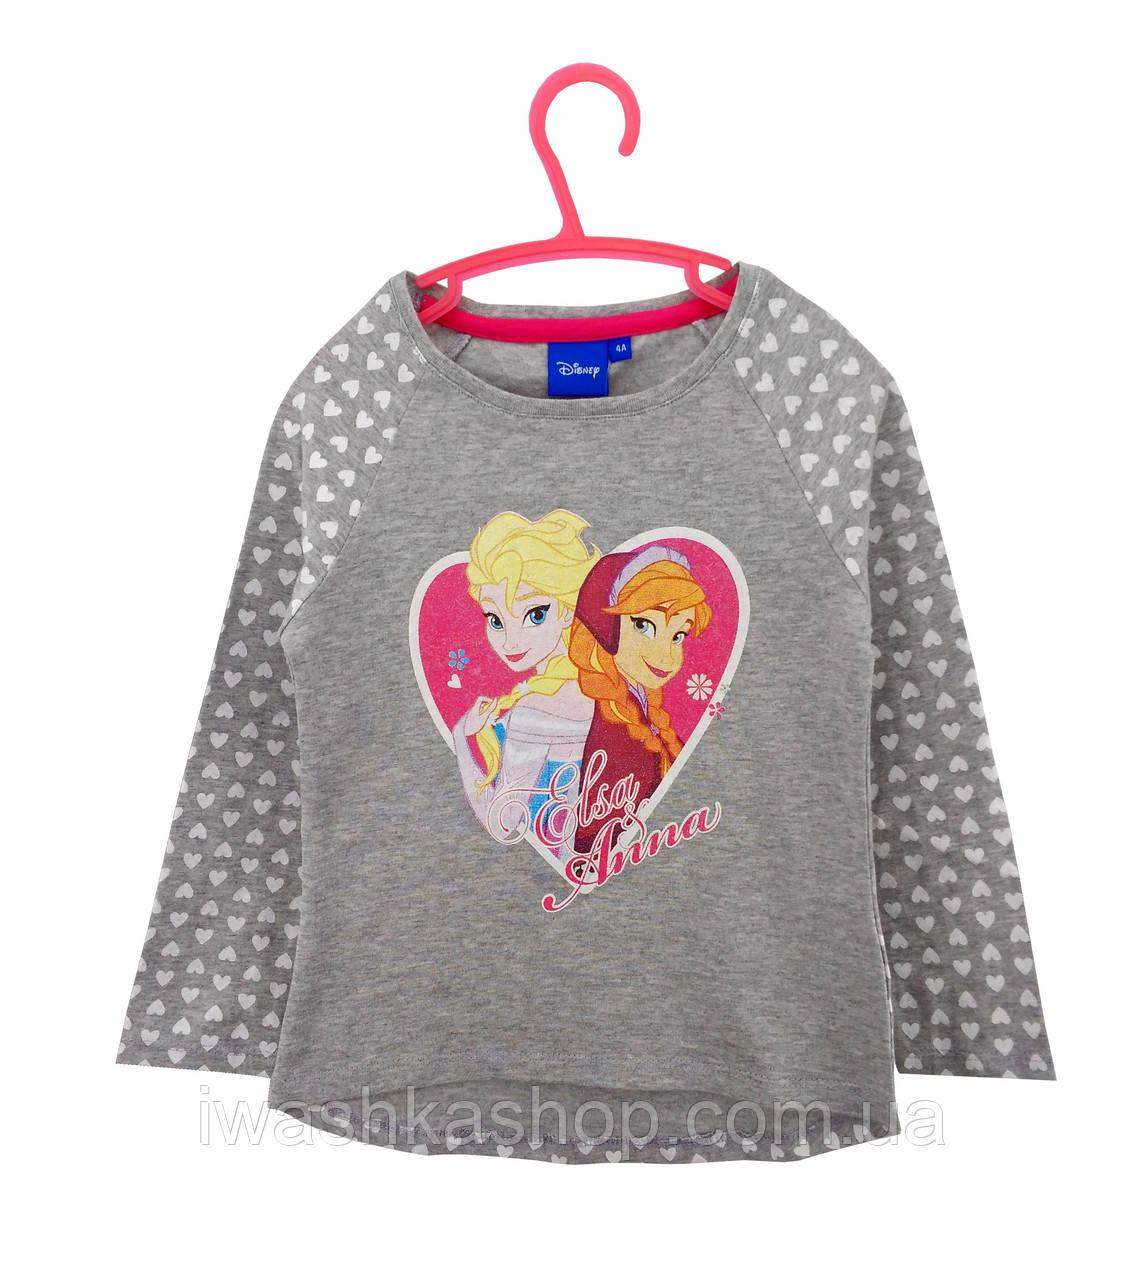 Стильный лонгслив с Анной и Эльзой, Холодное сердце, Frozen, на девочек 8 лет, р. 128, Disney